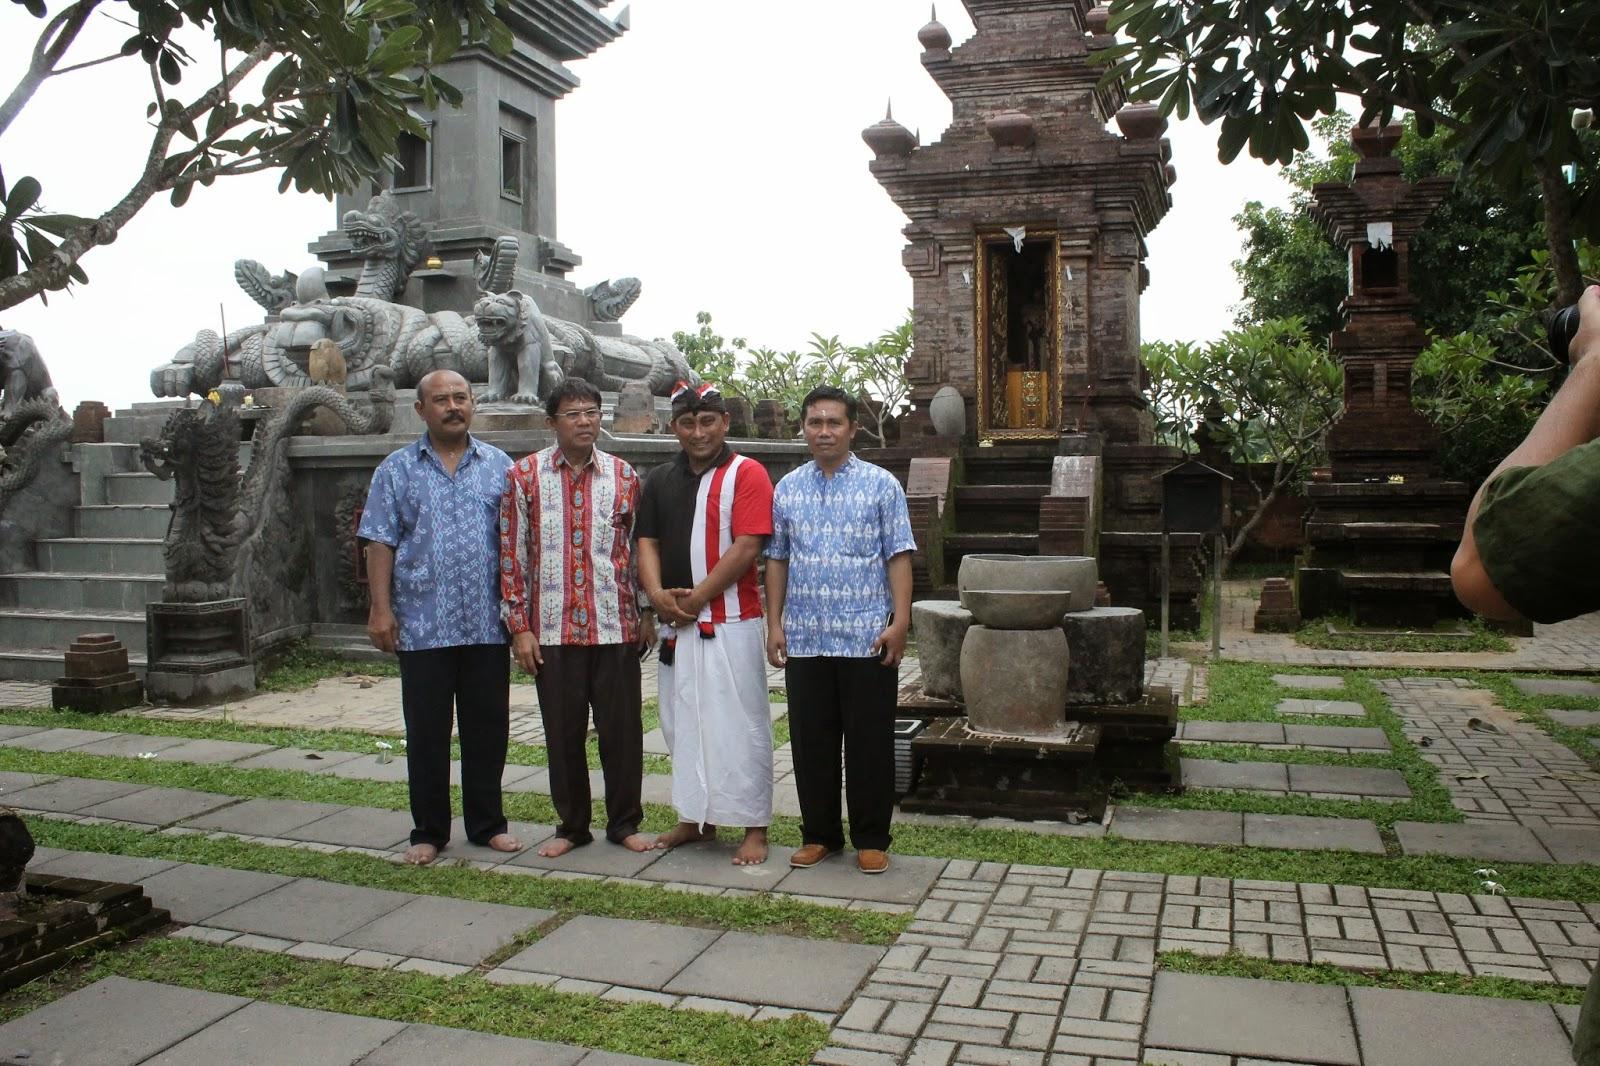 Maret 2015 Bimas Hindu Jawa Timur Tidak Waktu Menunjukan Pukul